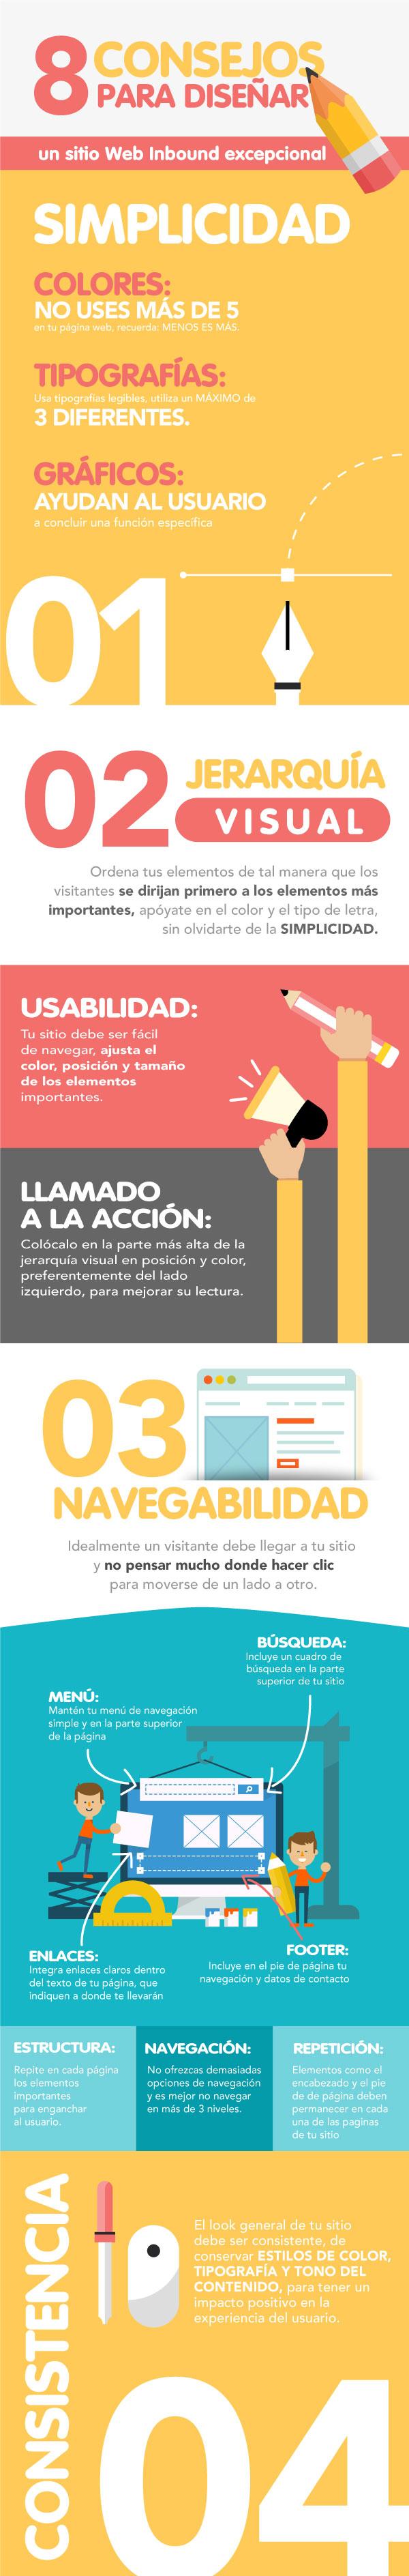 infografia_8consejos_1.jpg